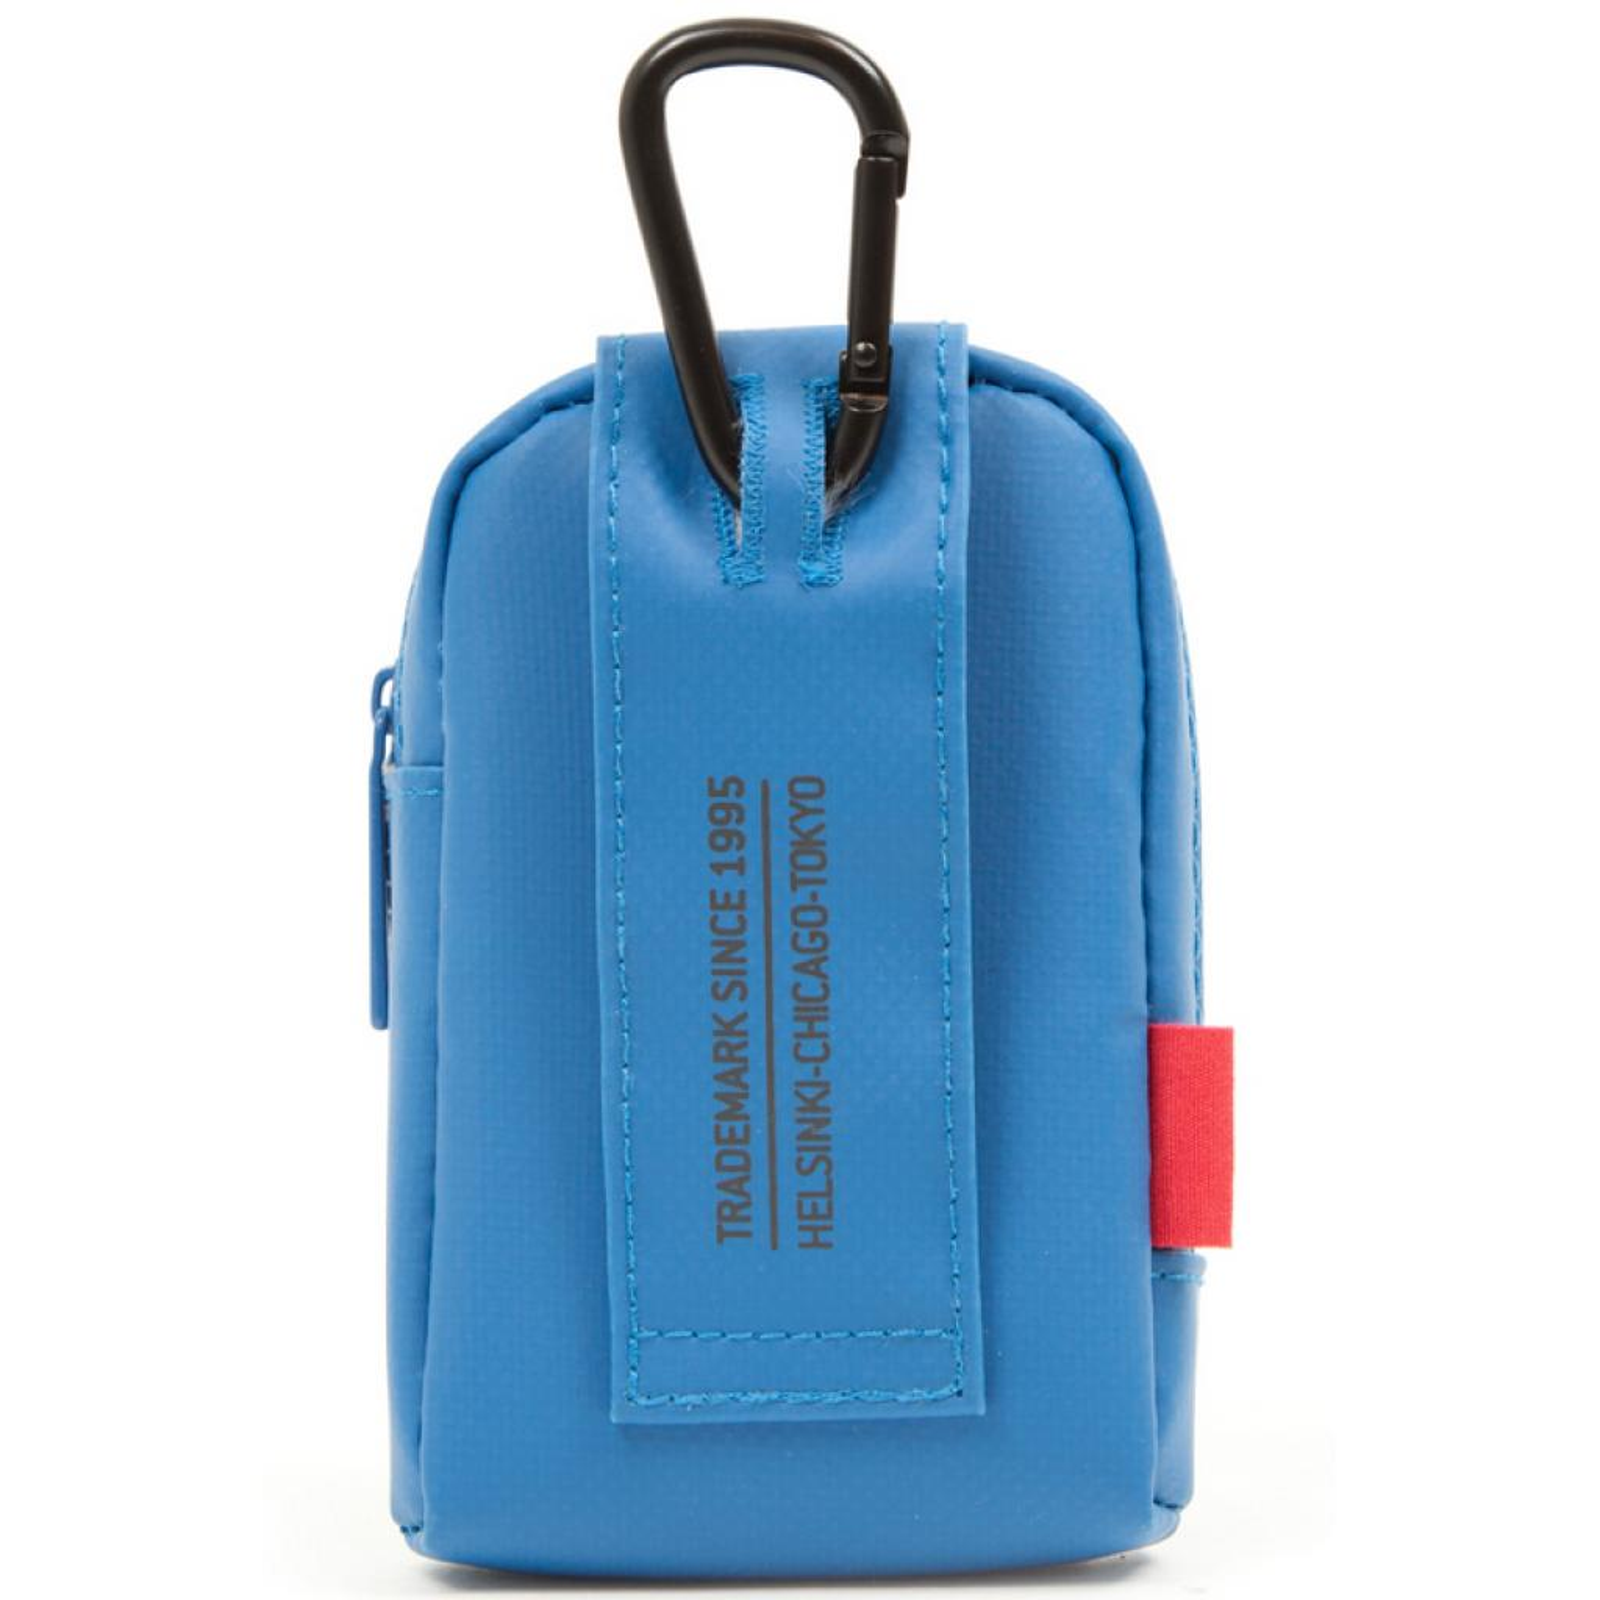 Фото-сумка Golla Digi Bag Burt PVC/polyester /blue (G1353) изображение 2